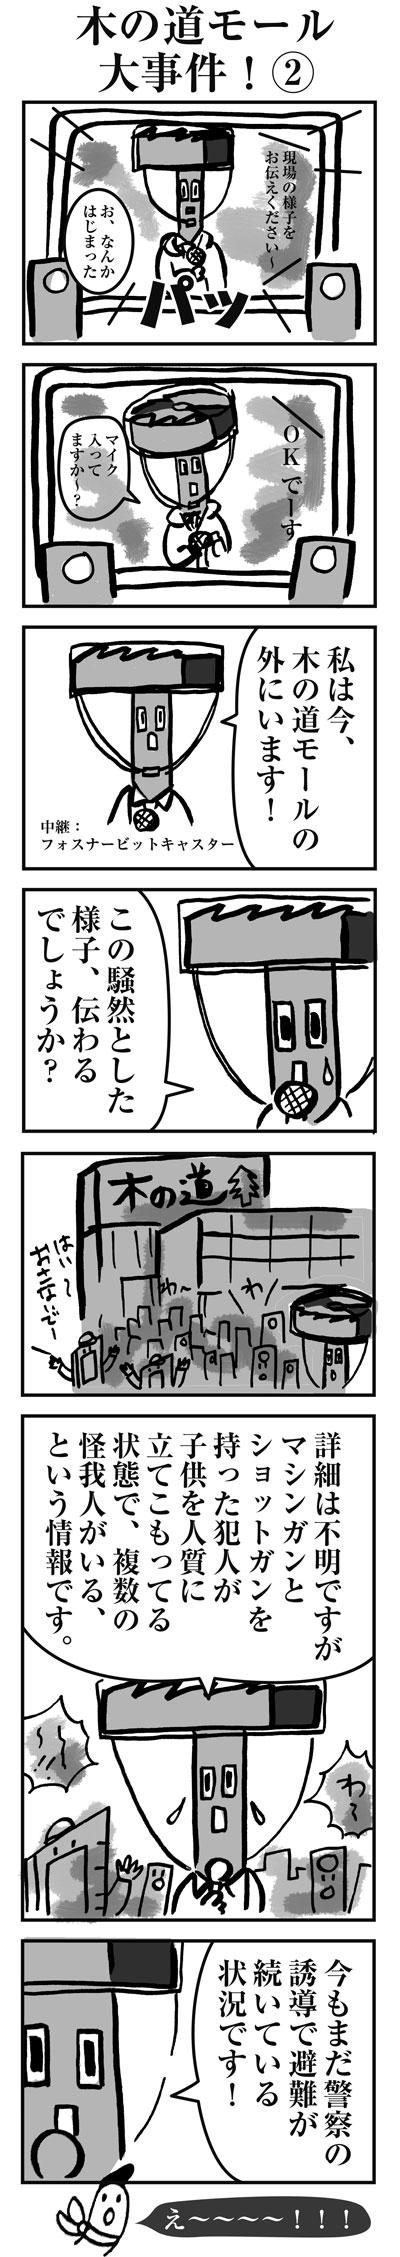 木の道モール大事件②